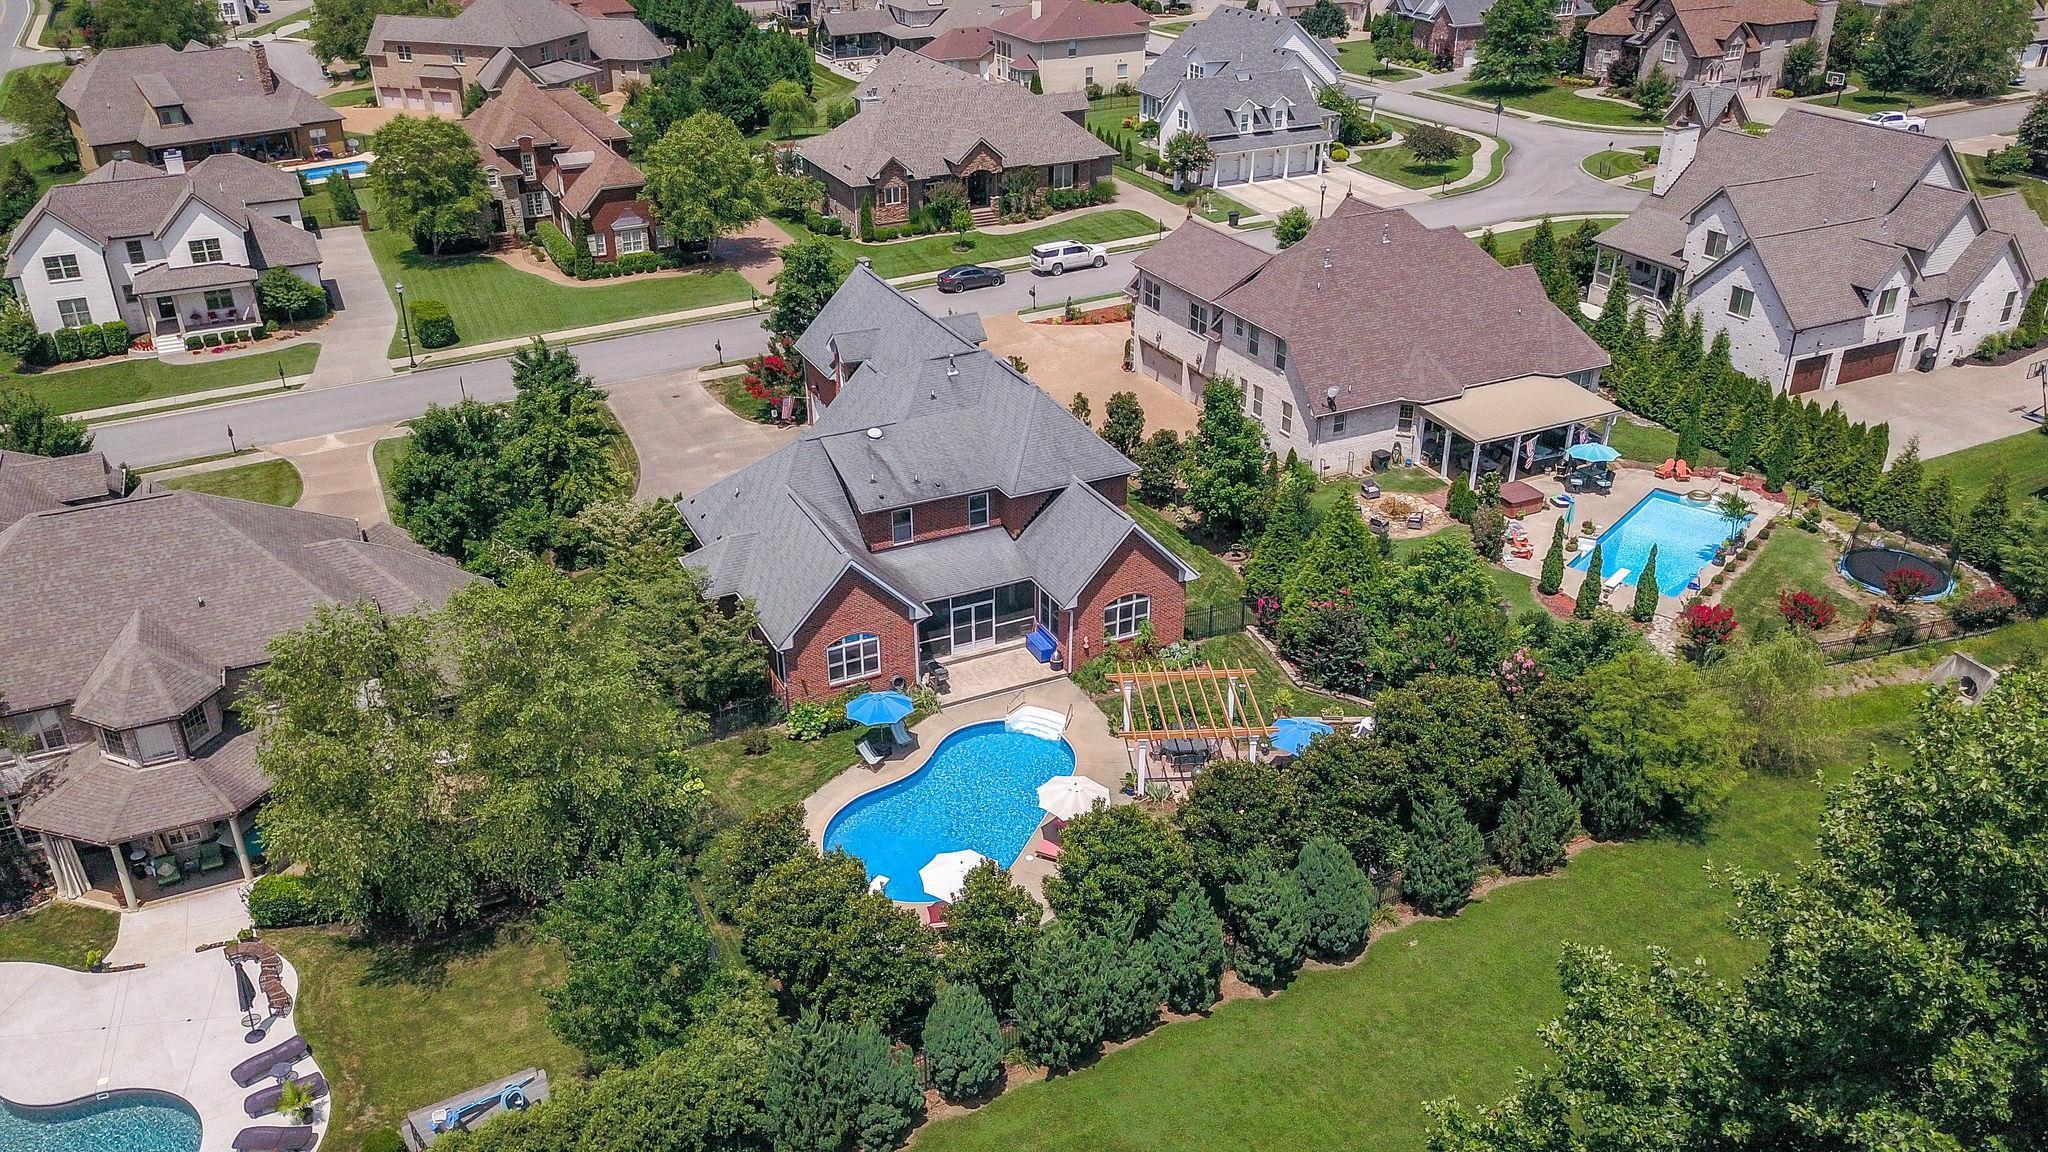 1002 Harlequin Blvd, Hendersonville, TN 37075 - Hendersonville, TN real estate listing